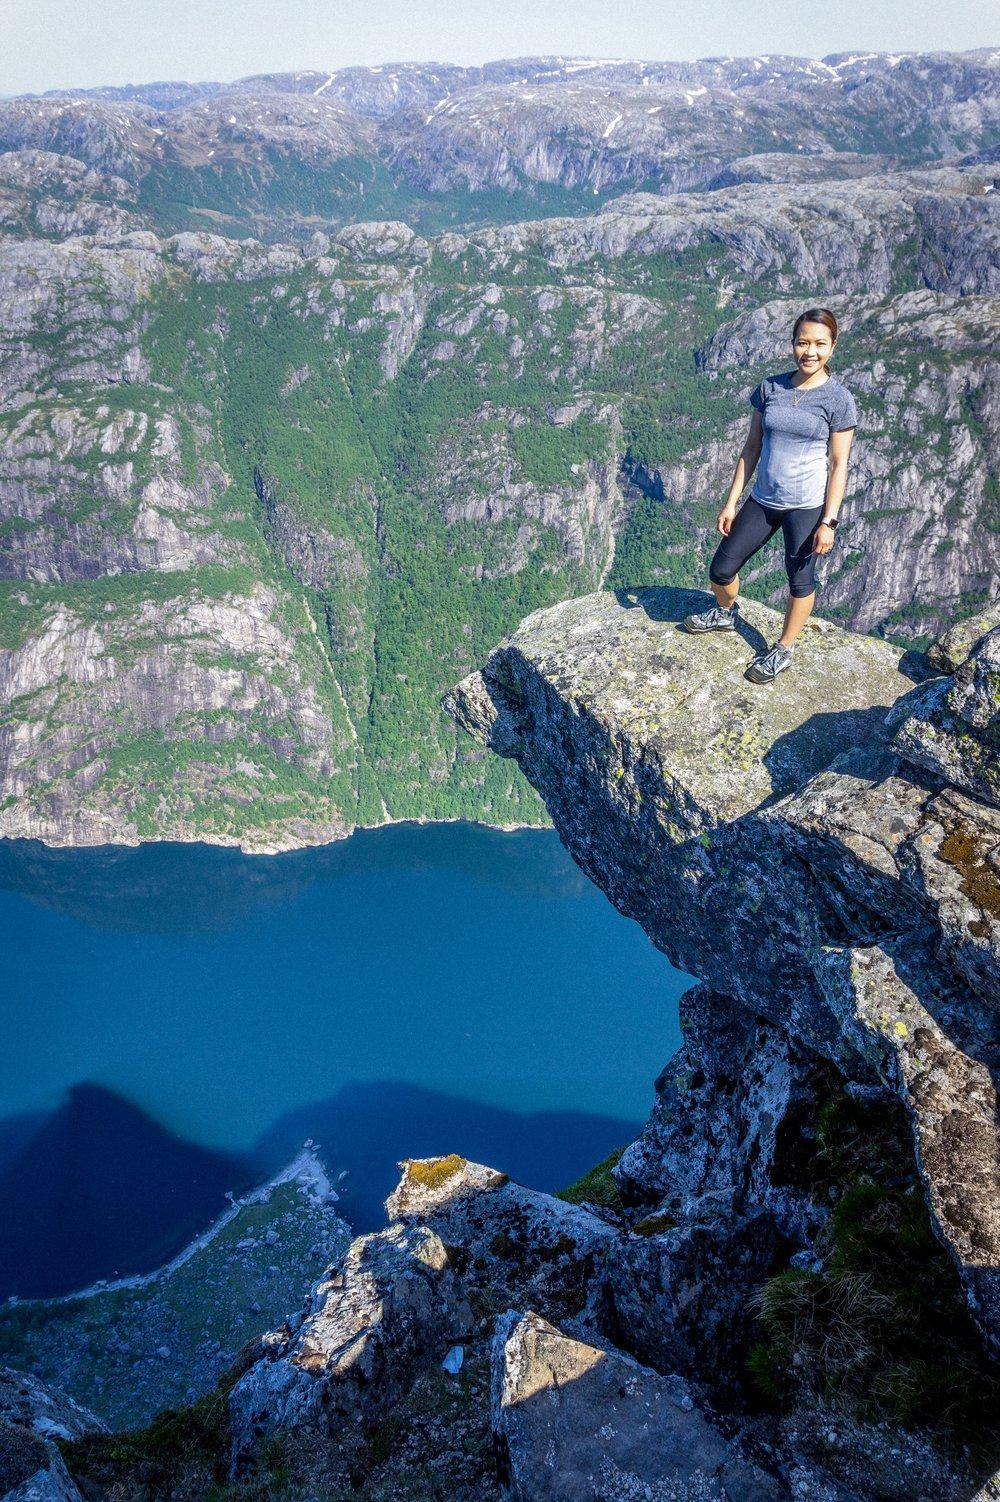 Outdoorlife_Norway_Kjerag_Preseason_Hike.20180526 3.JPG